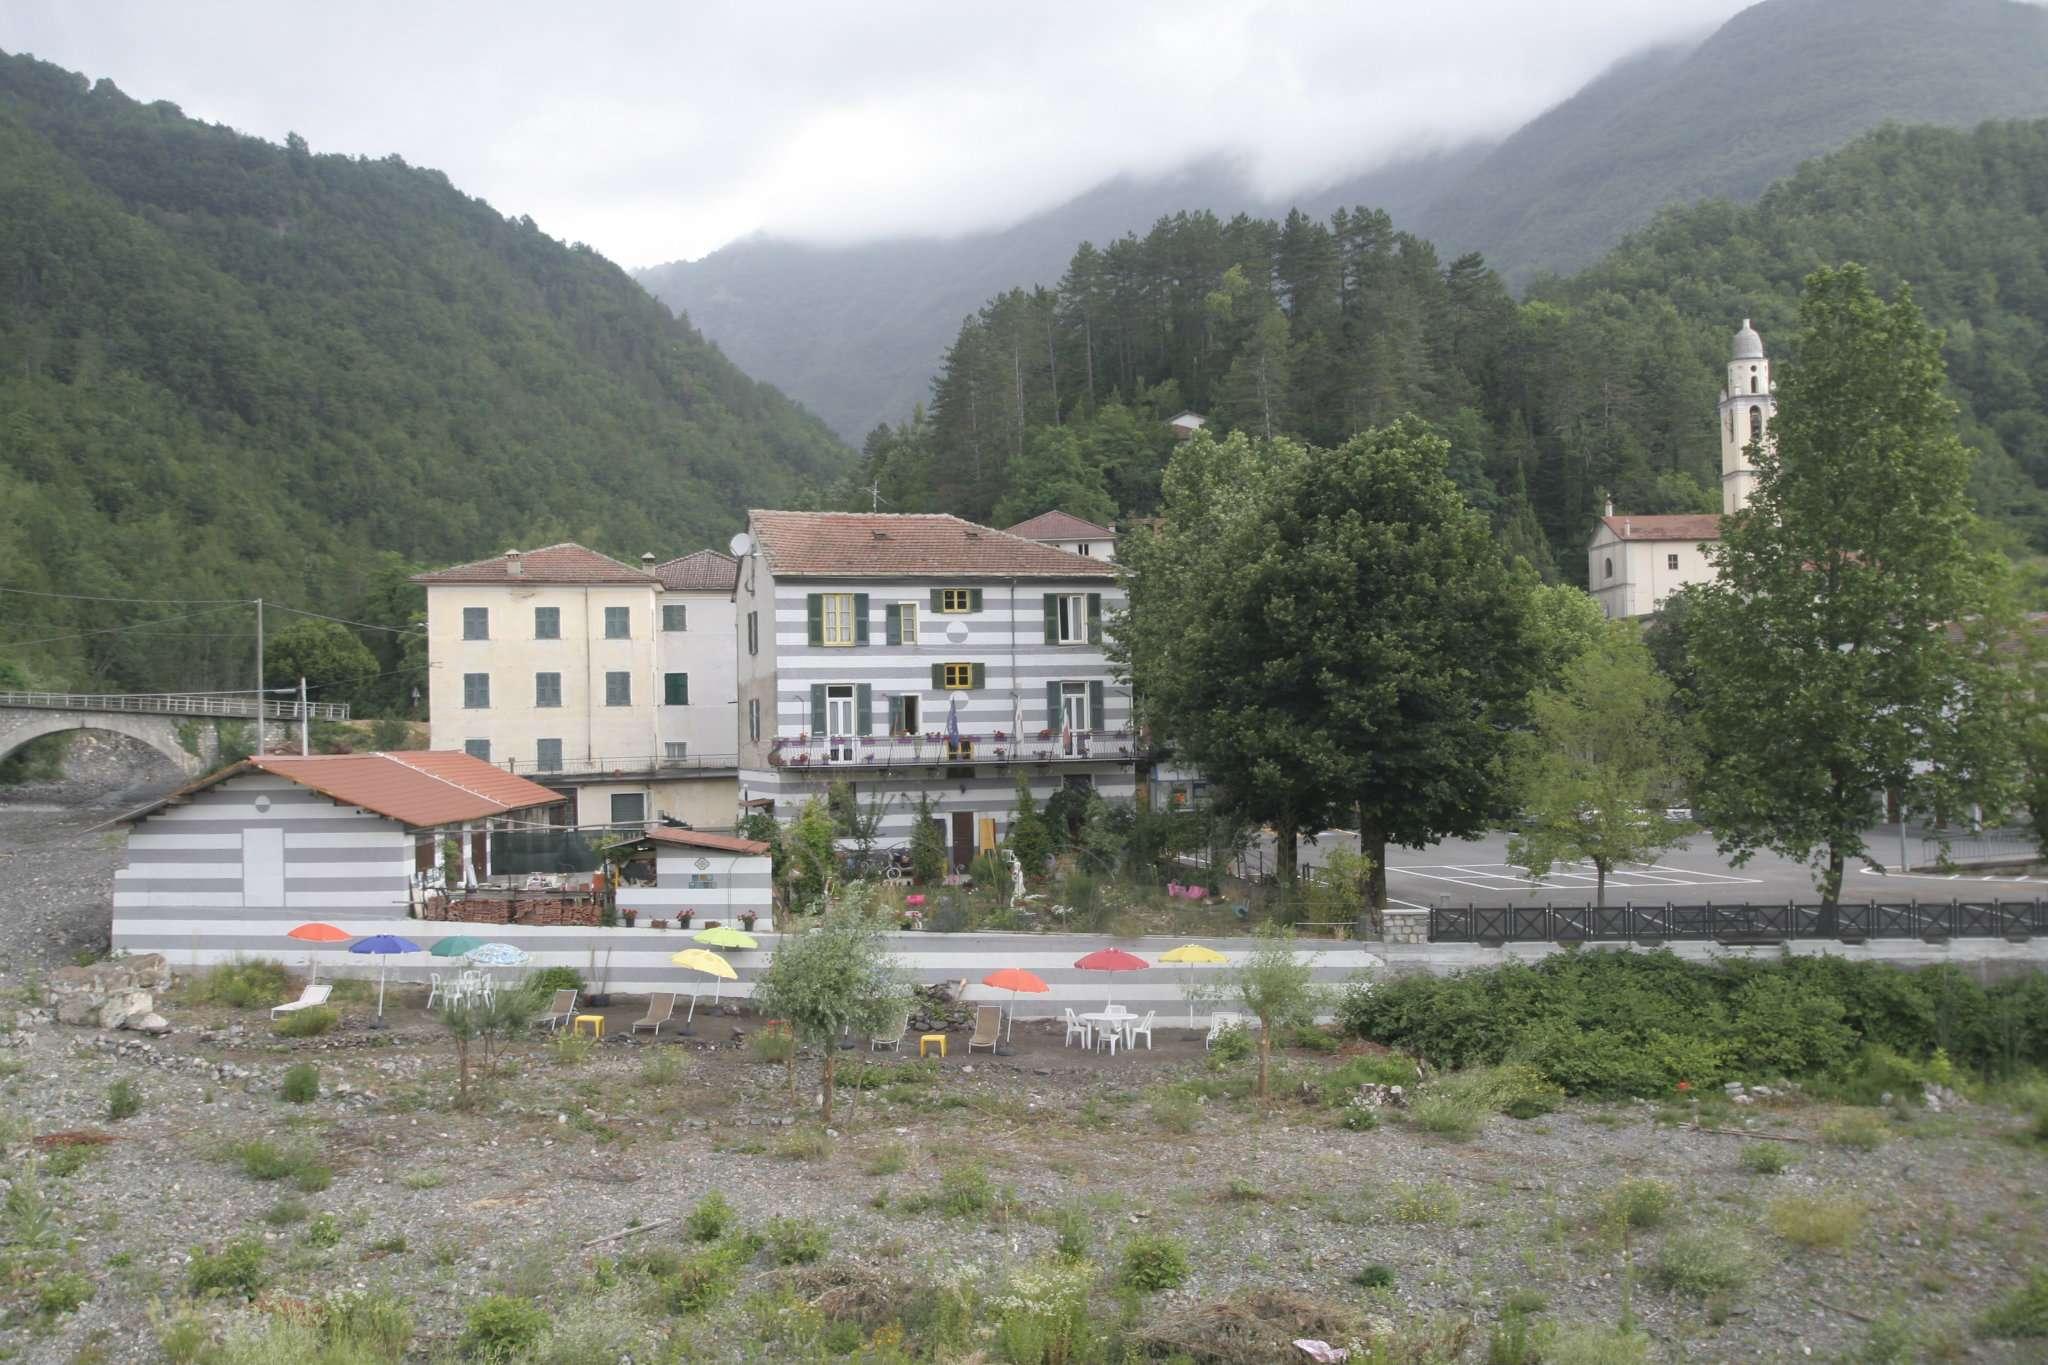 Soluzione Indipendente in vendita a Gorreto, 10 locali, prezzo € 268.000   CambioCasa.it